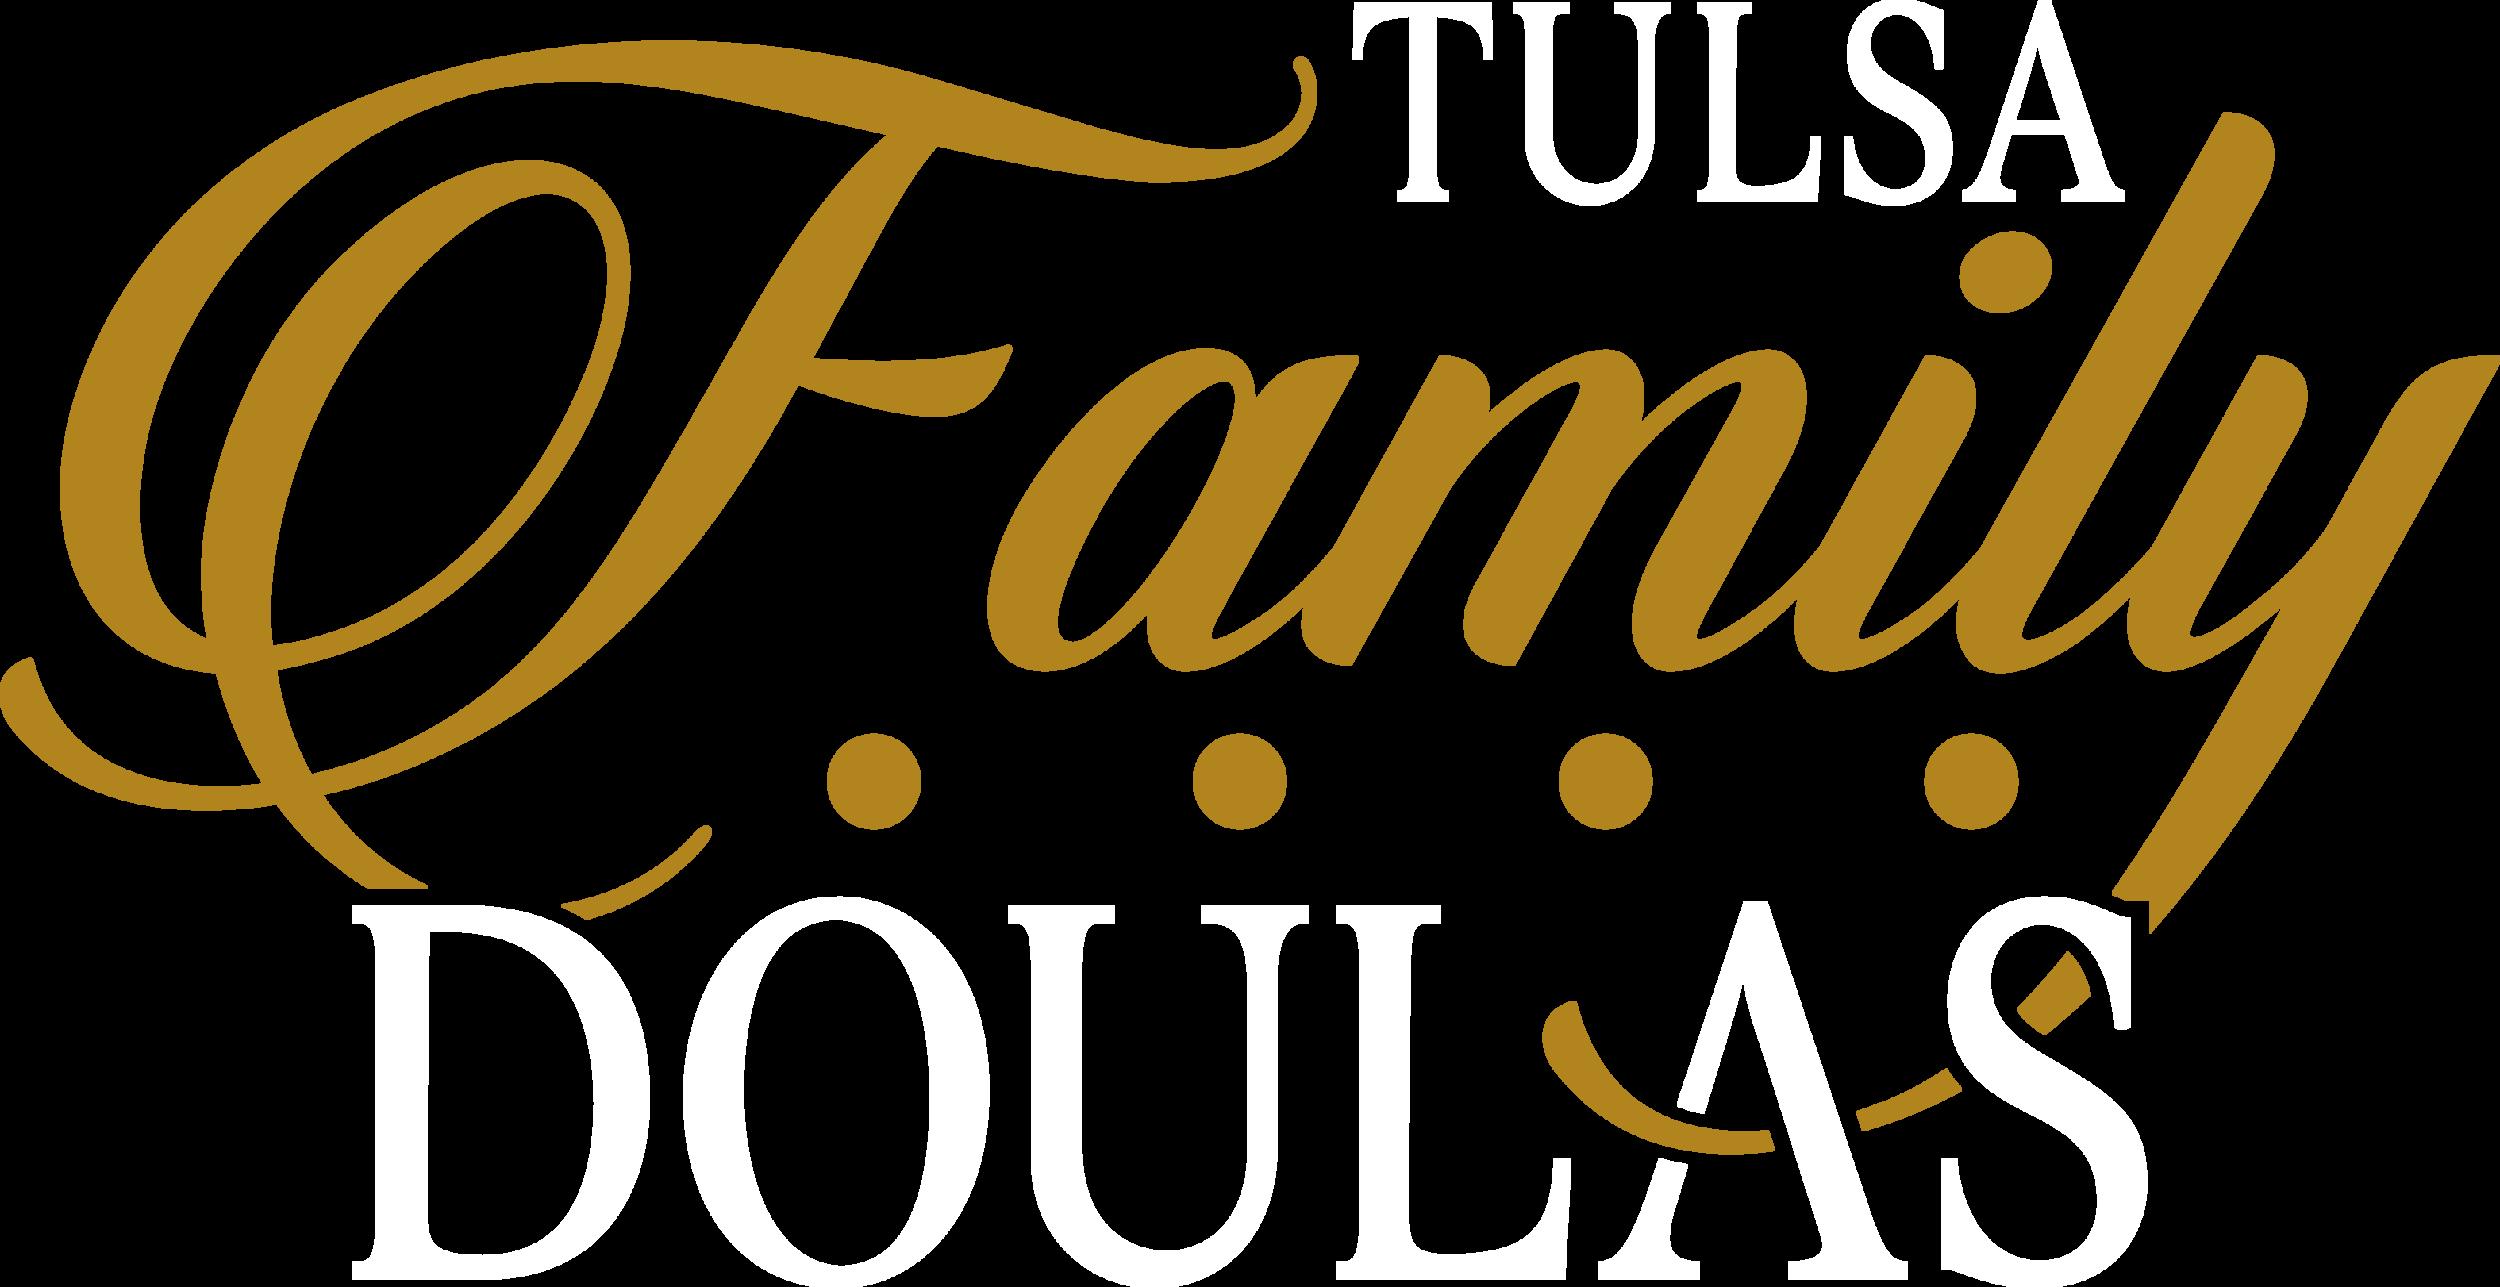 Tulsa-Family-Doulas-White-Small-Logo.png